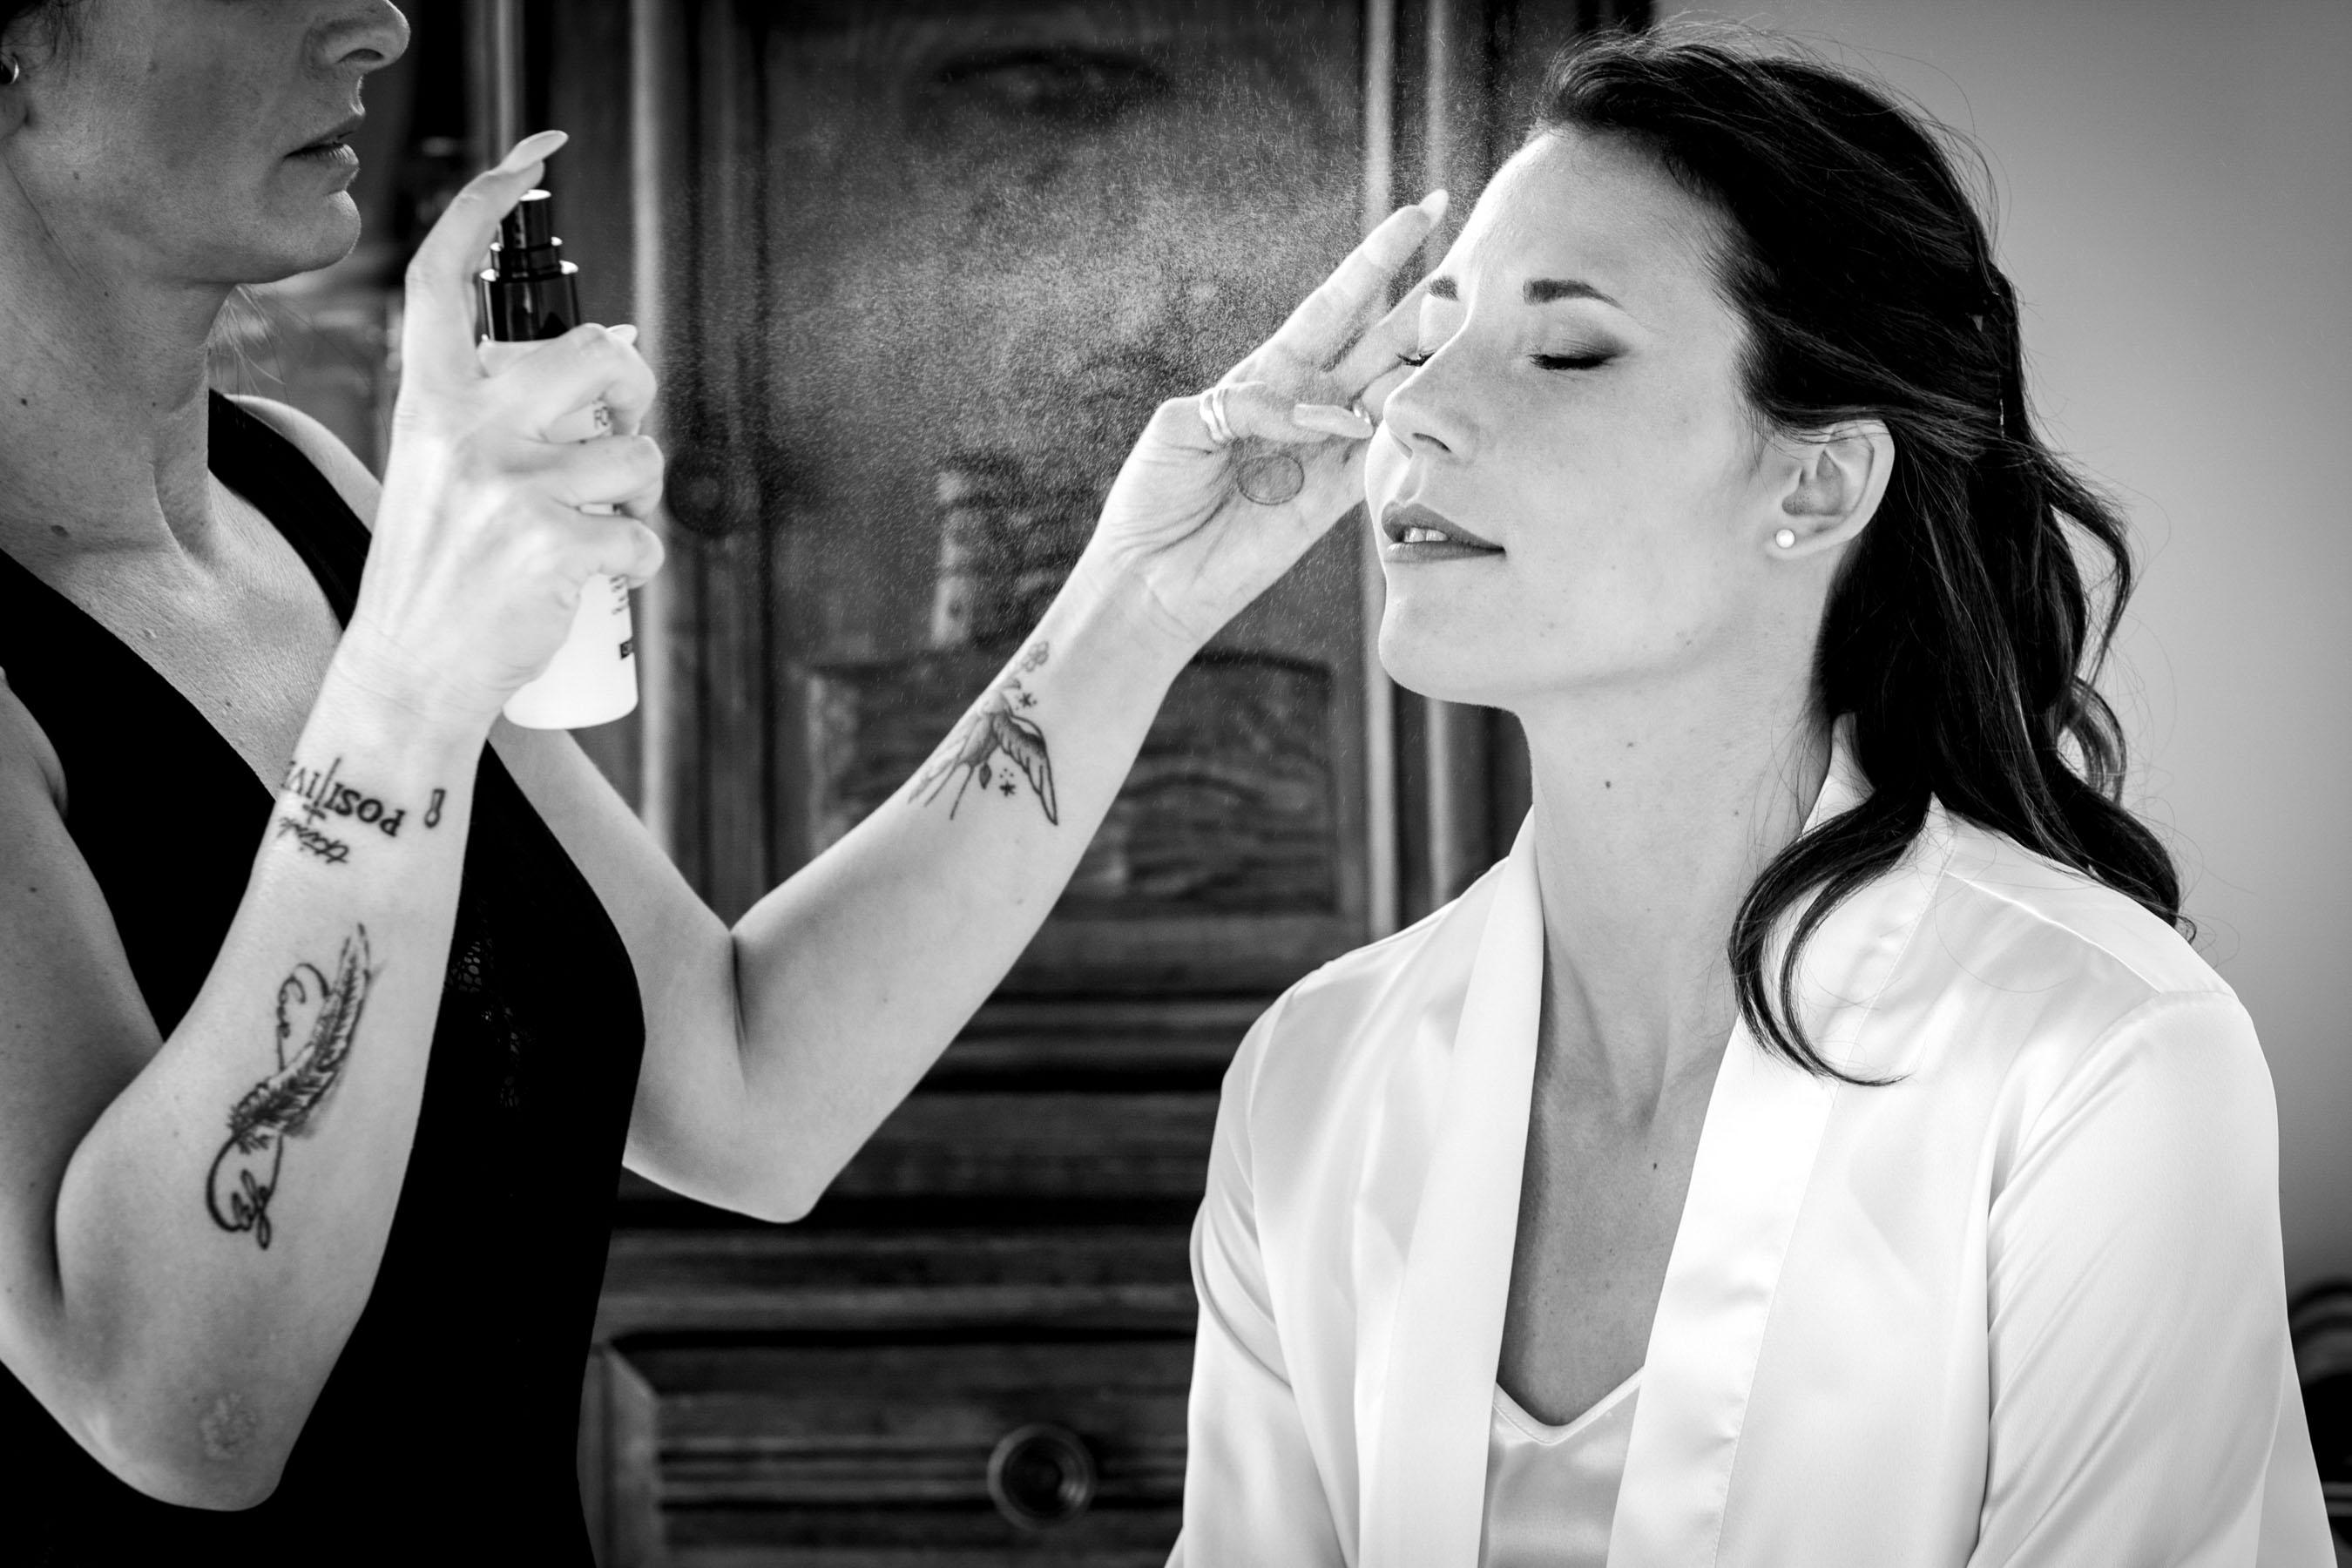 art foto_torino_monica sica photography_la vià _cavour_ fotografo matrimonio_torino-5